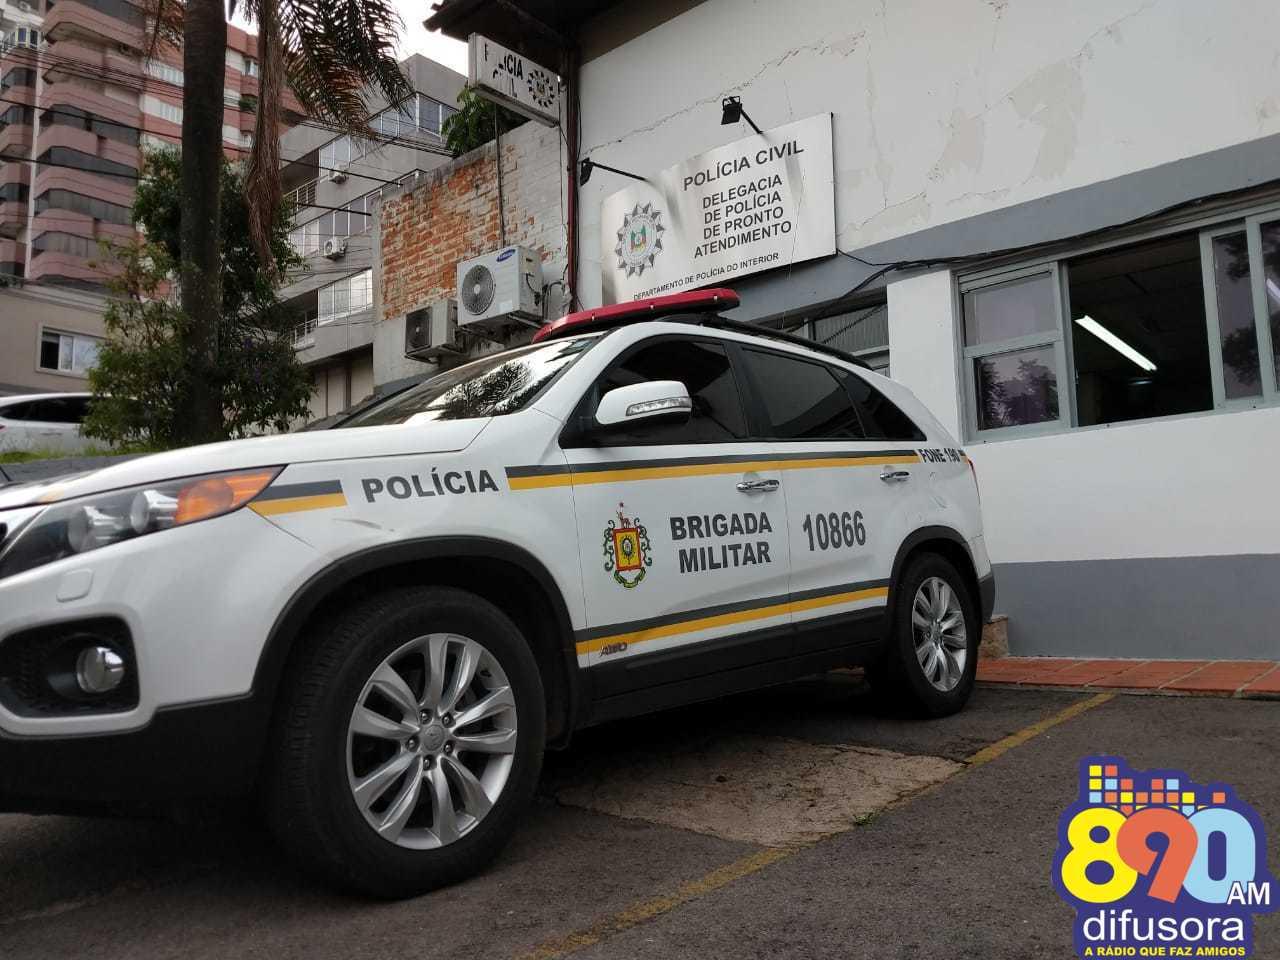 Brigada Militar alerta sobre golpes envolvendo o nome da corporação